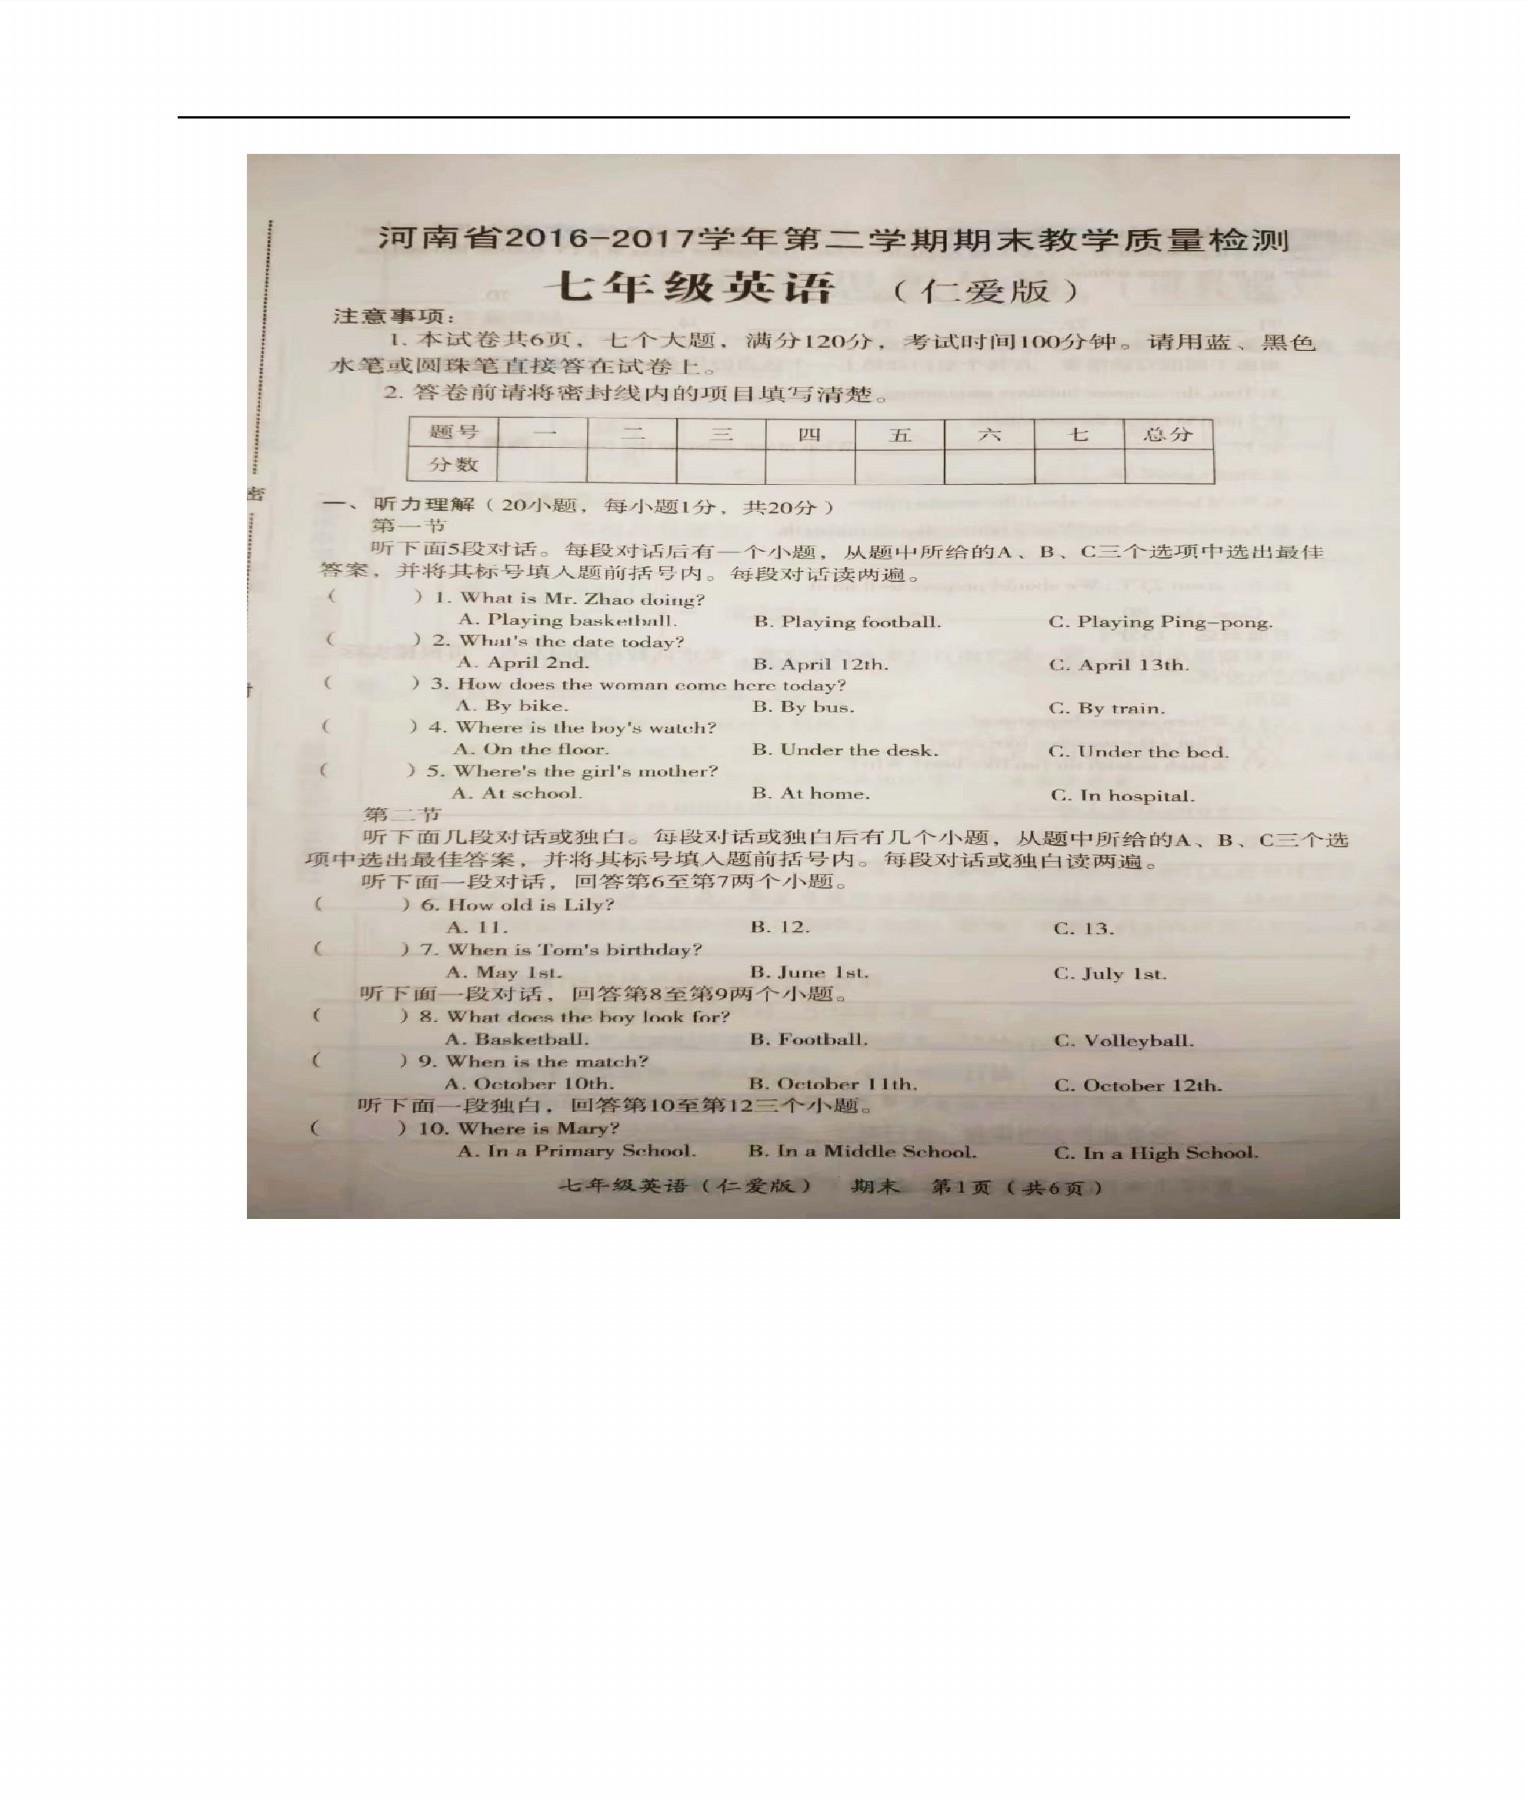 河南2016-2017七年级下期末教学质量检测英语试题(Word版)